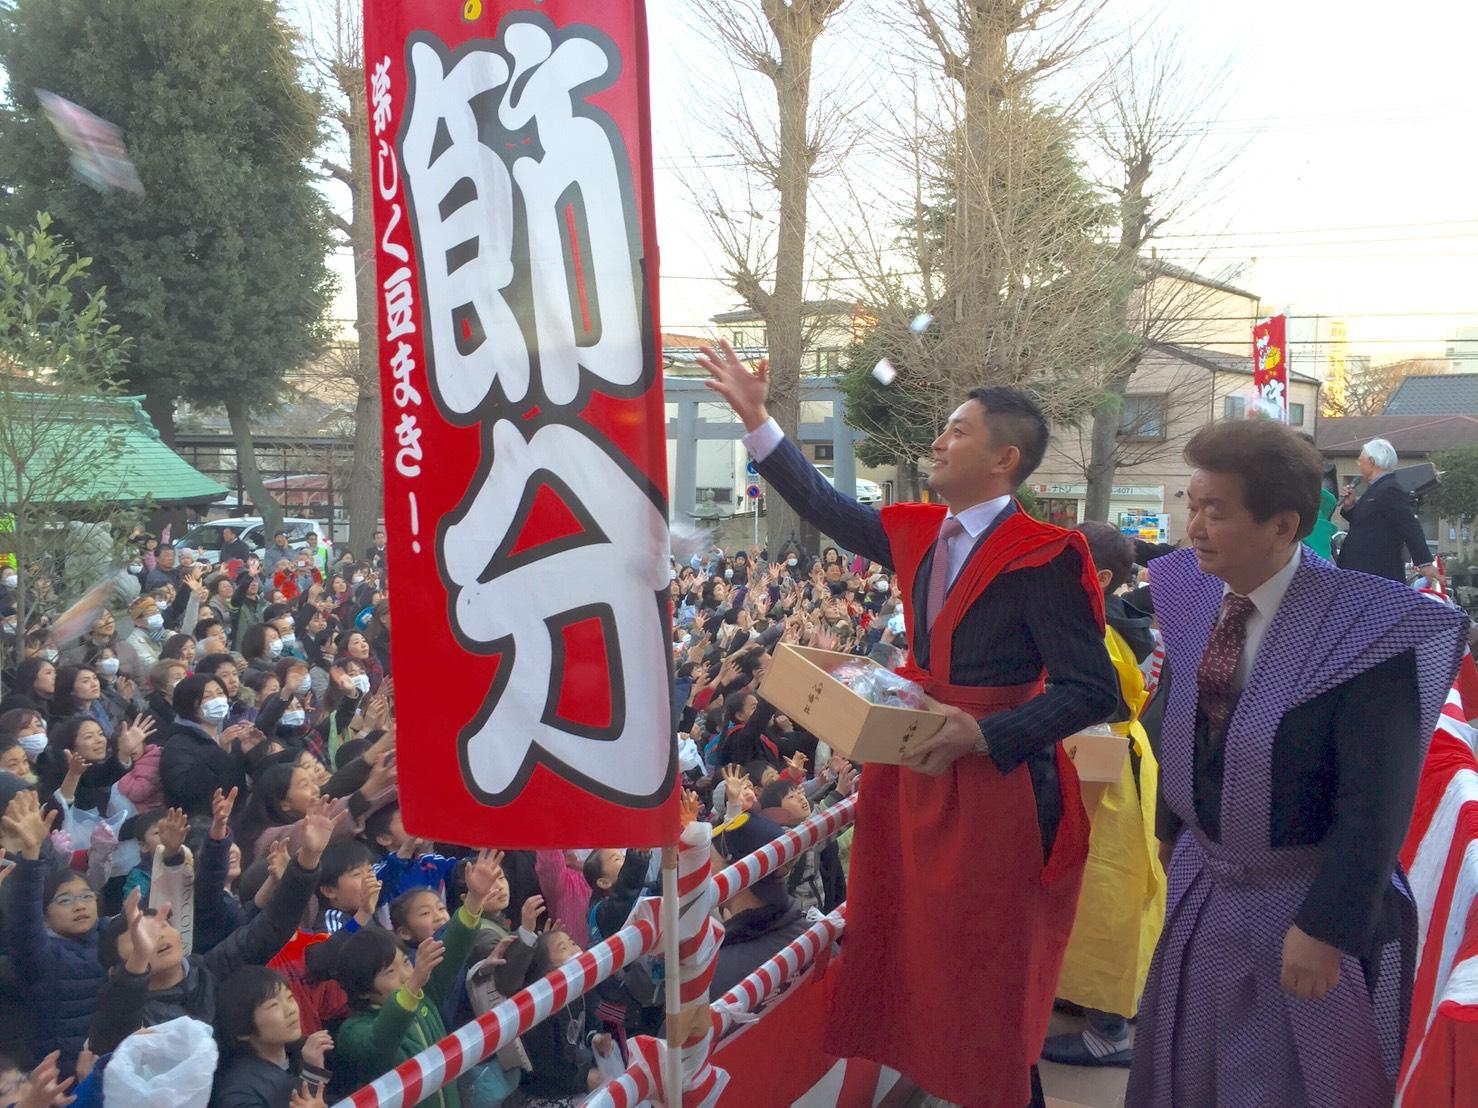 地元神社の節分祭にて。元気いっぱいの子供達がたくさん。 地域に根付いた伝統行事をこれからも継承していきたい。